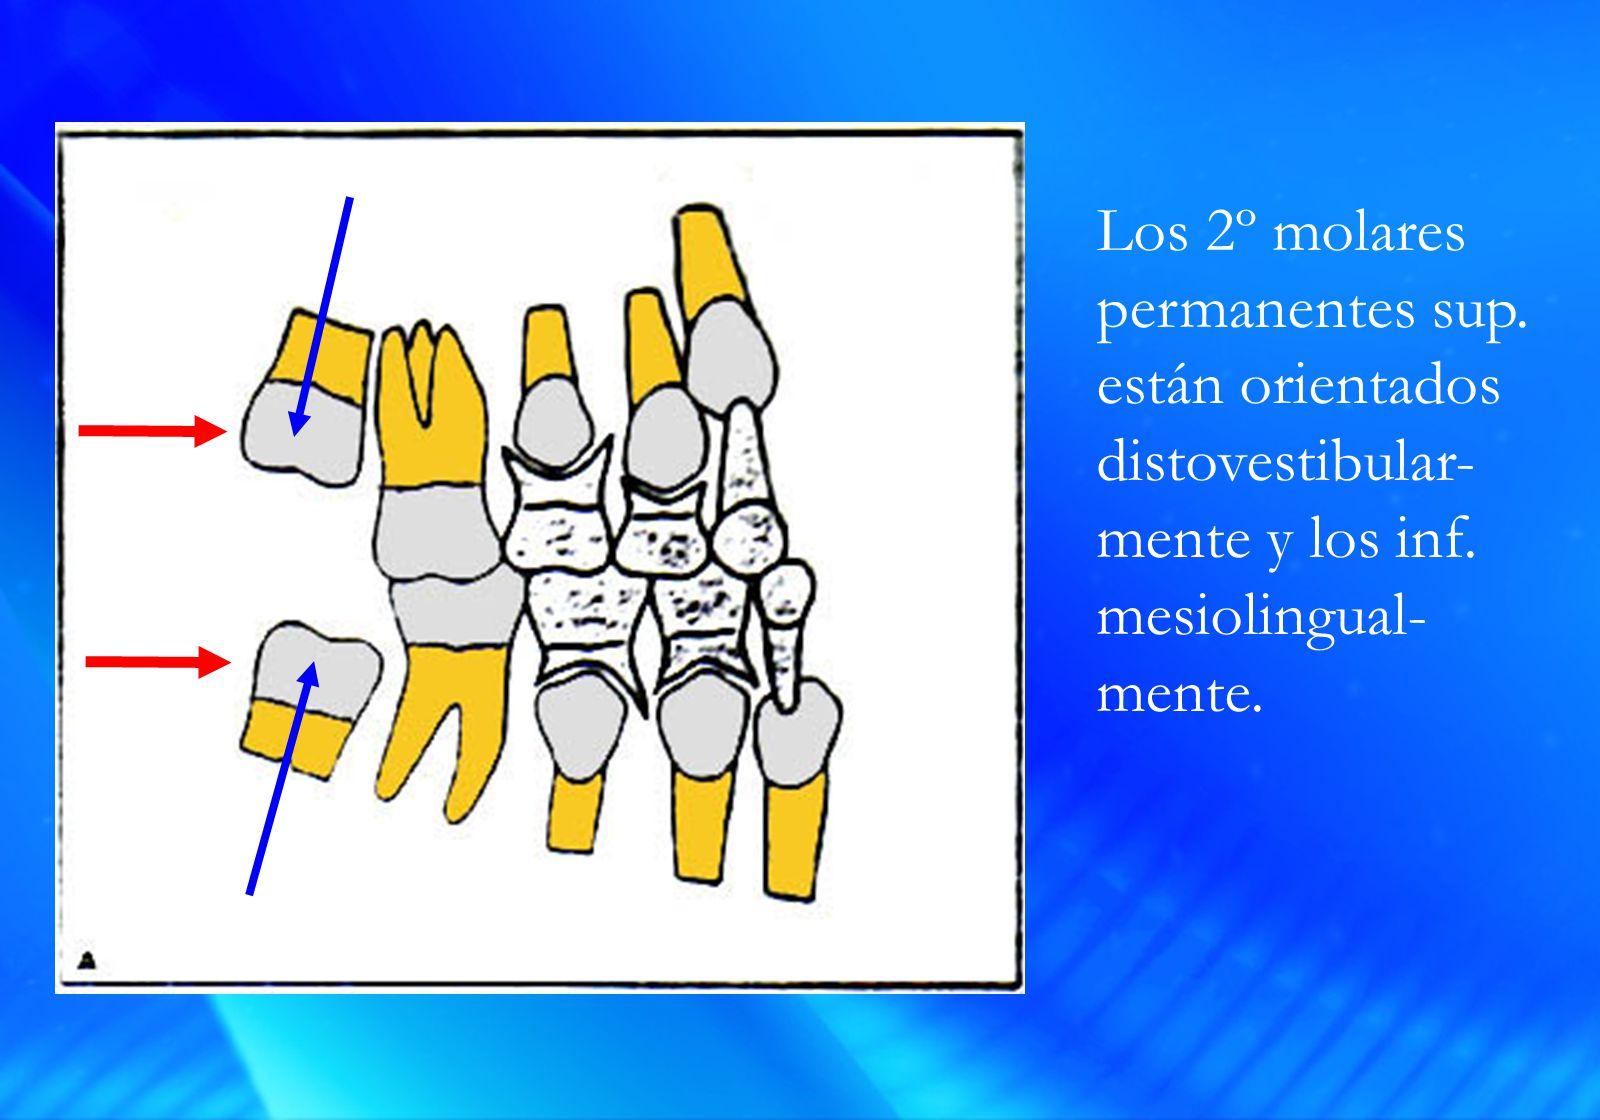 Los 2º molares permanentes sup. están orientados distovestibular- mente y los inf.